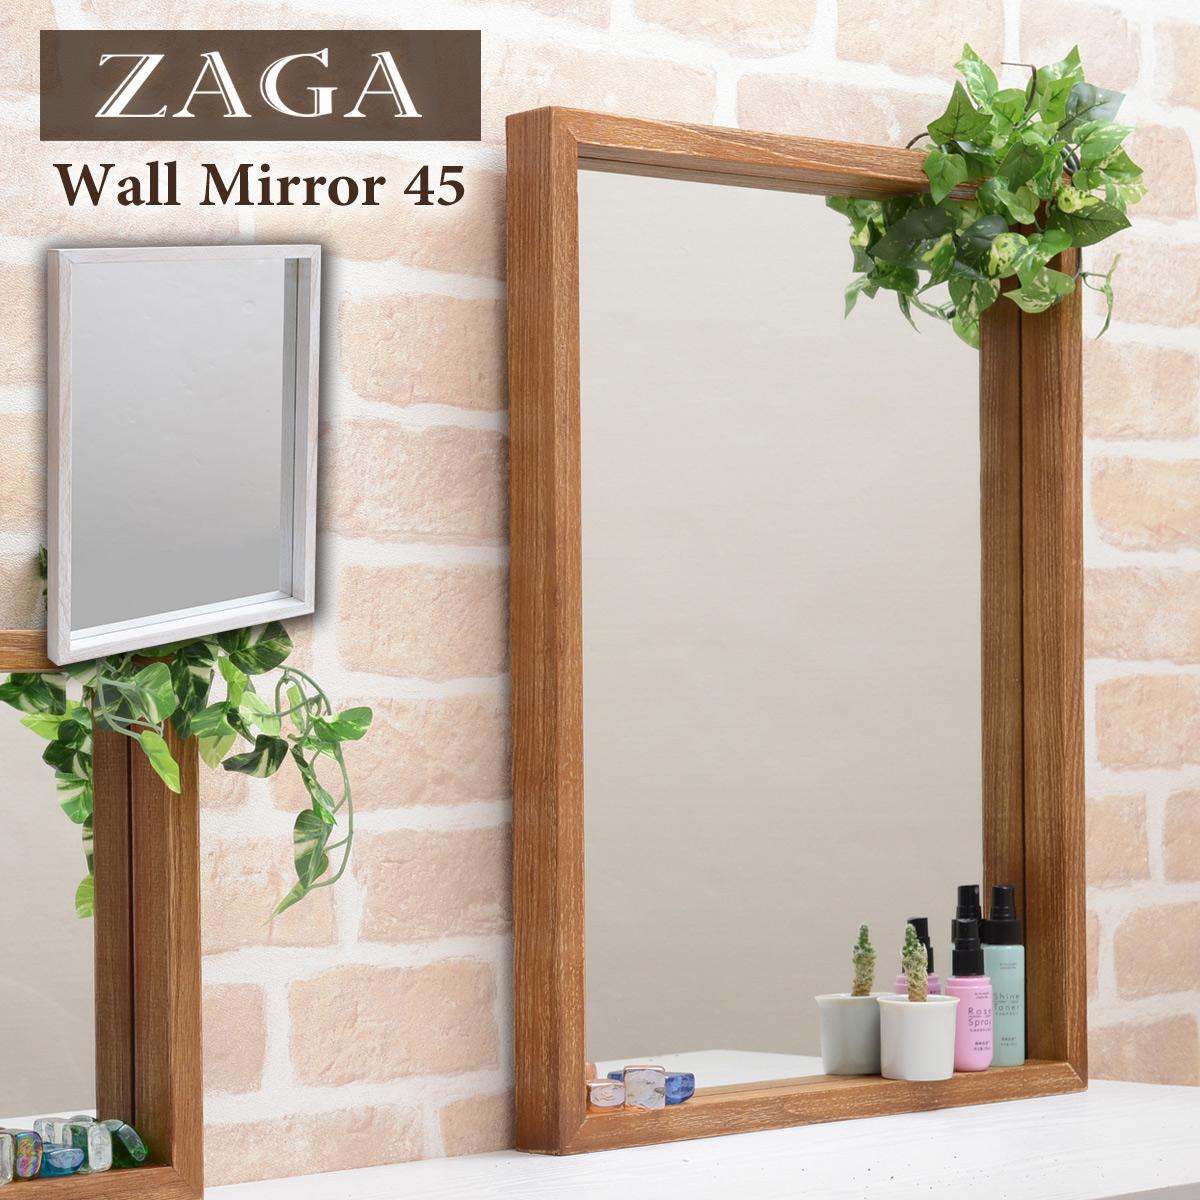 ボックスミラー 幅45 壁掛けミラー 壁掛け 鏡 木製フレーム ブラウン ホワイト アンティーク アンティーク調 レトロ調 ミラー 壁掛けミラー